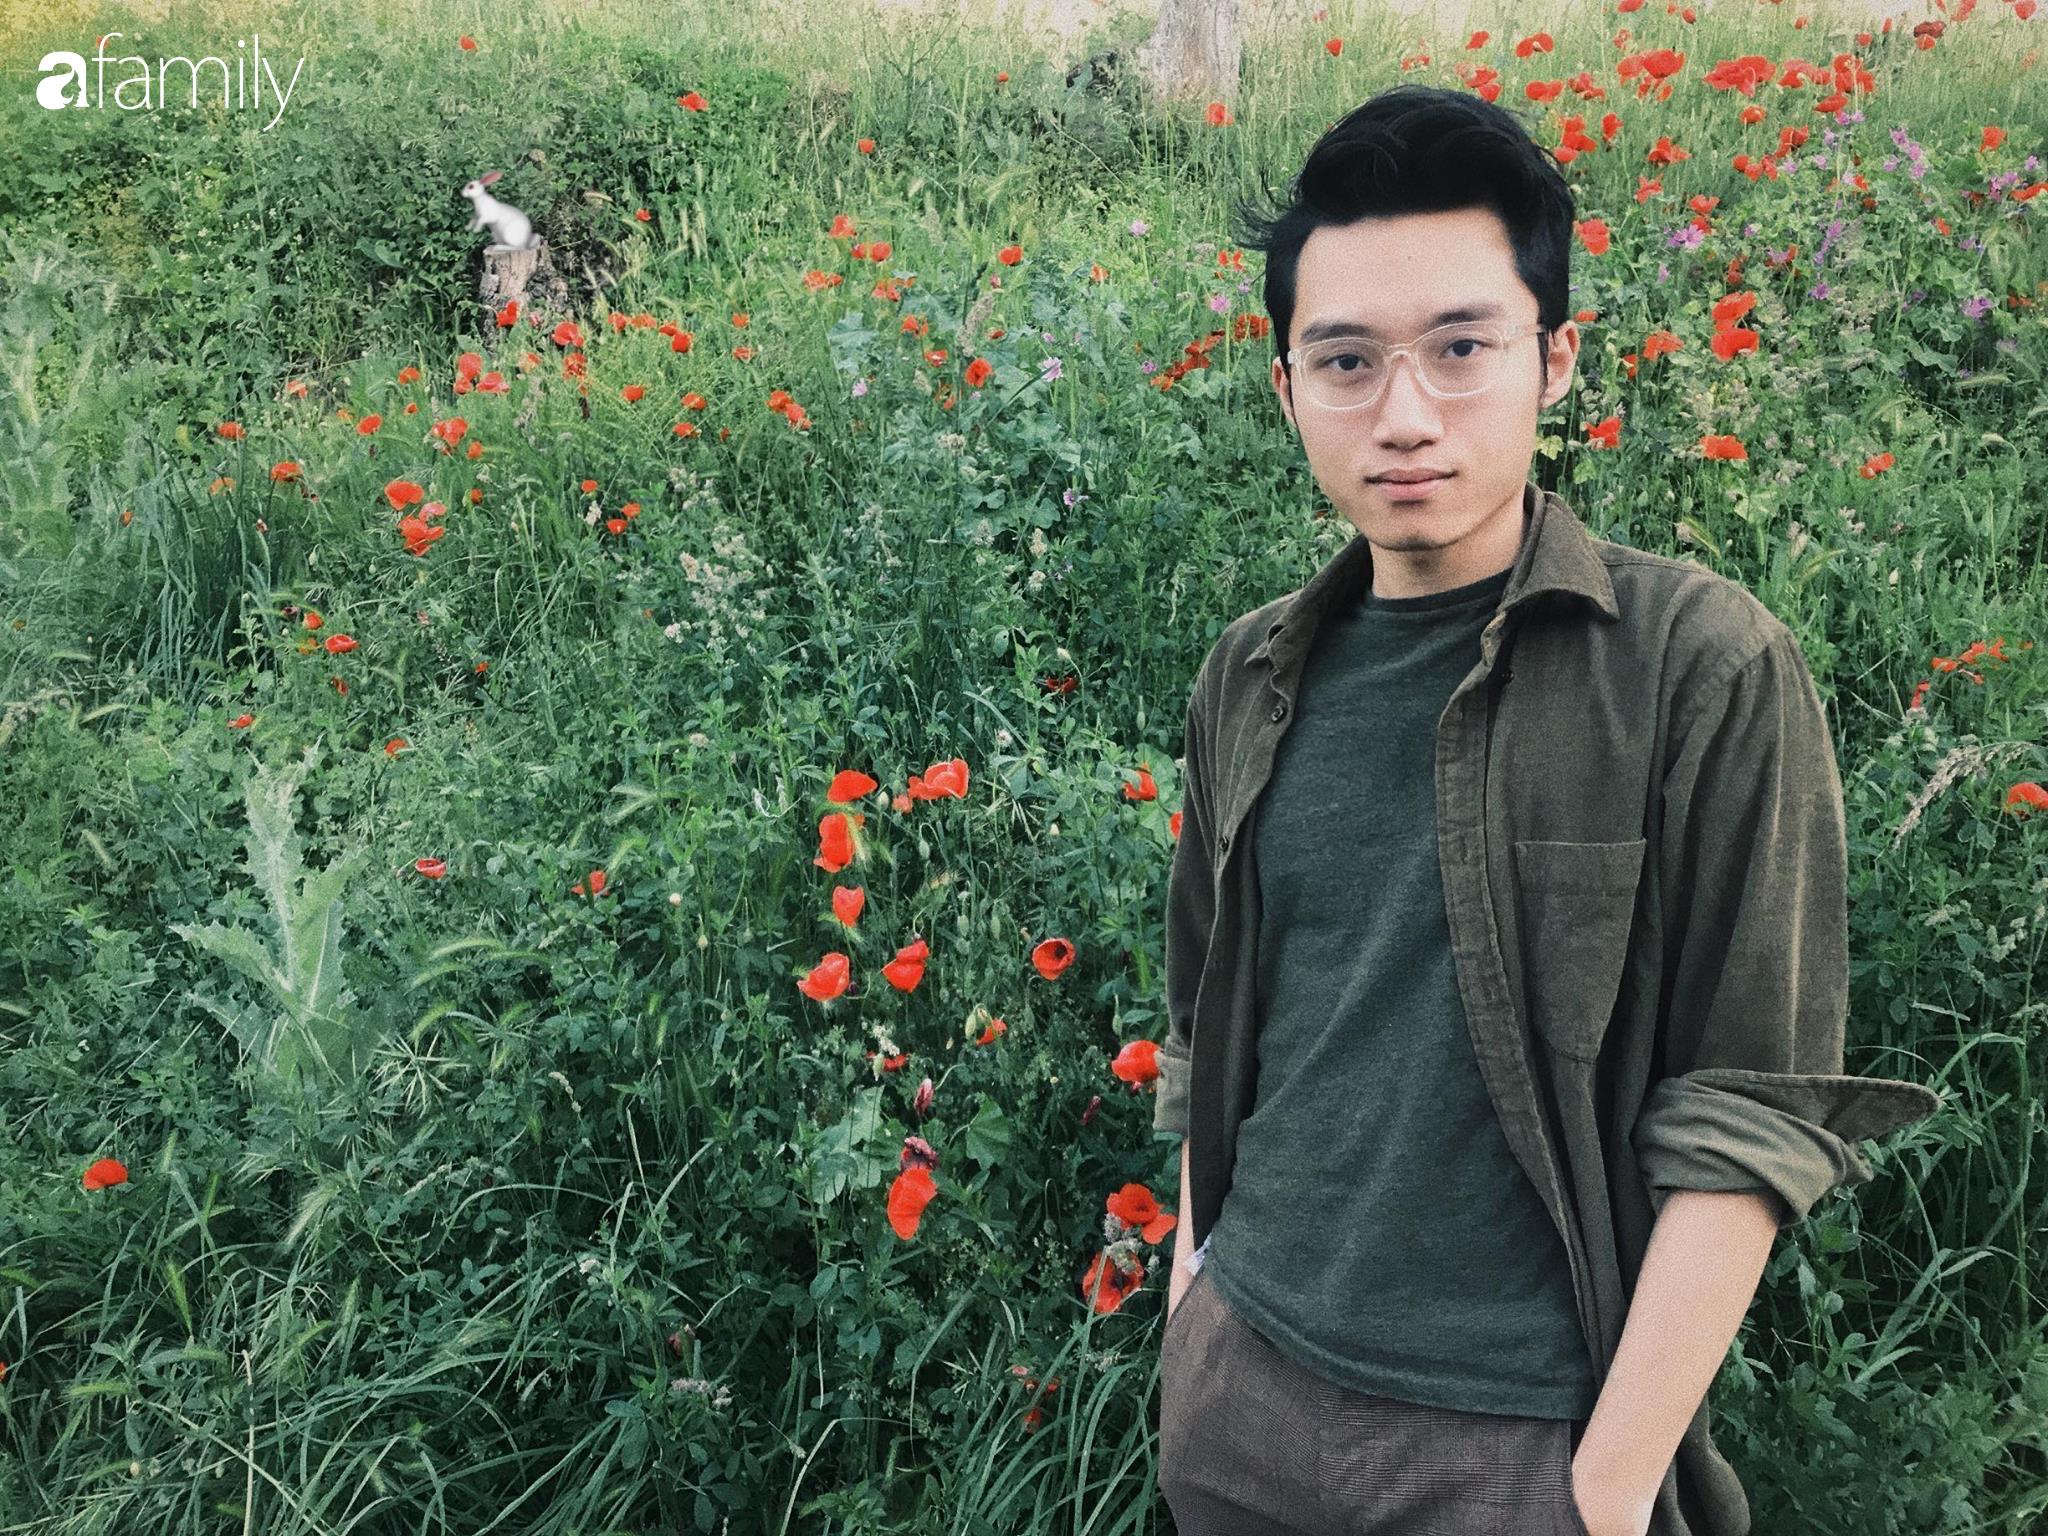 """Trò chuyện với chàng du học sinh người Việt đang nổi đình đám nhờ tài vừa nấu vừa """"vẽ"""" bằng đồ ăn: """"Em sẽ thiết kế và kiêm luôn đầu bếp nhà hàng của riêng mình"""" - Ảnh 12."""